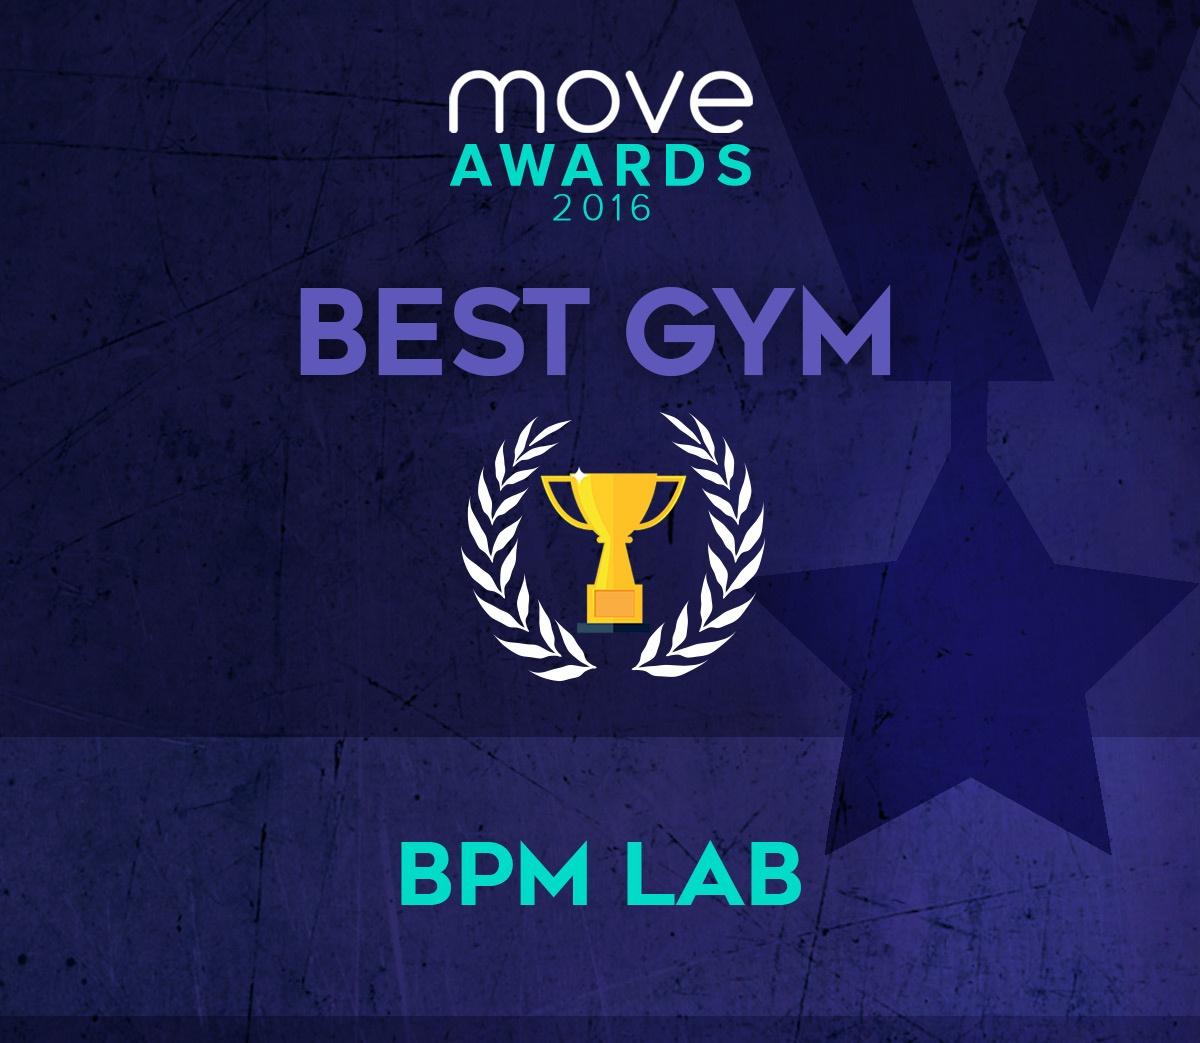 Updated-Best-Gym-Leeds.jpg